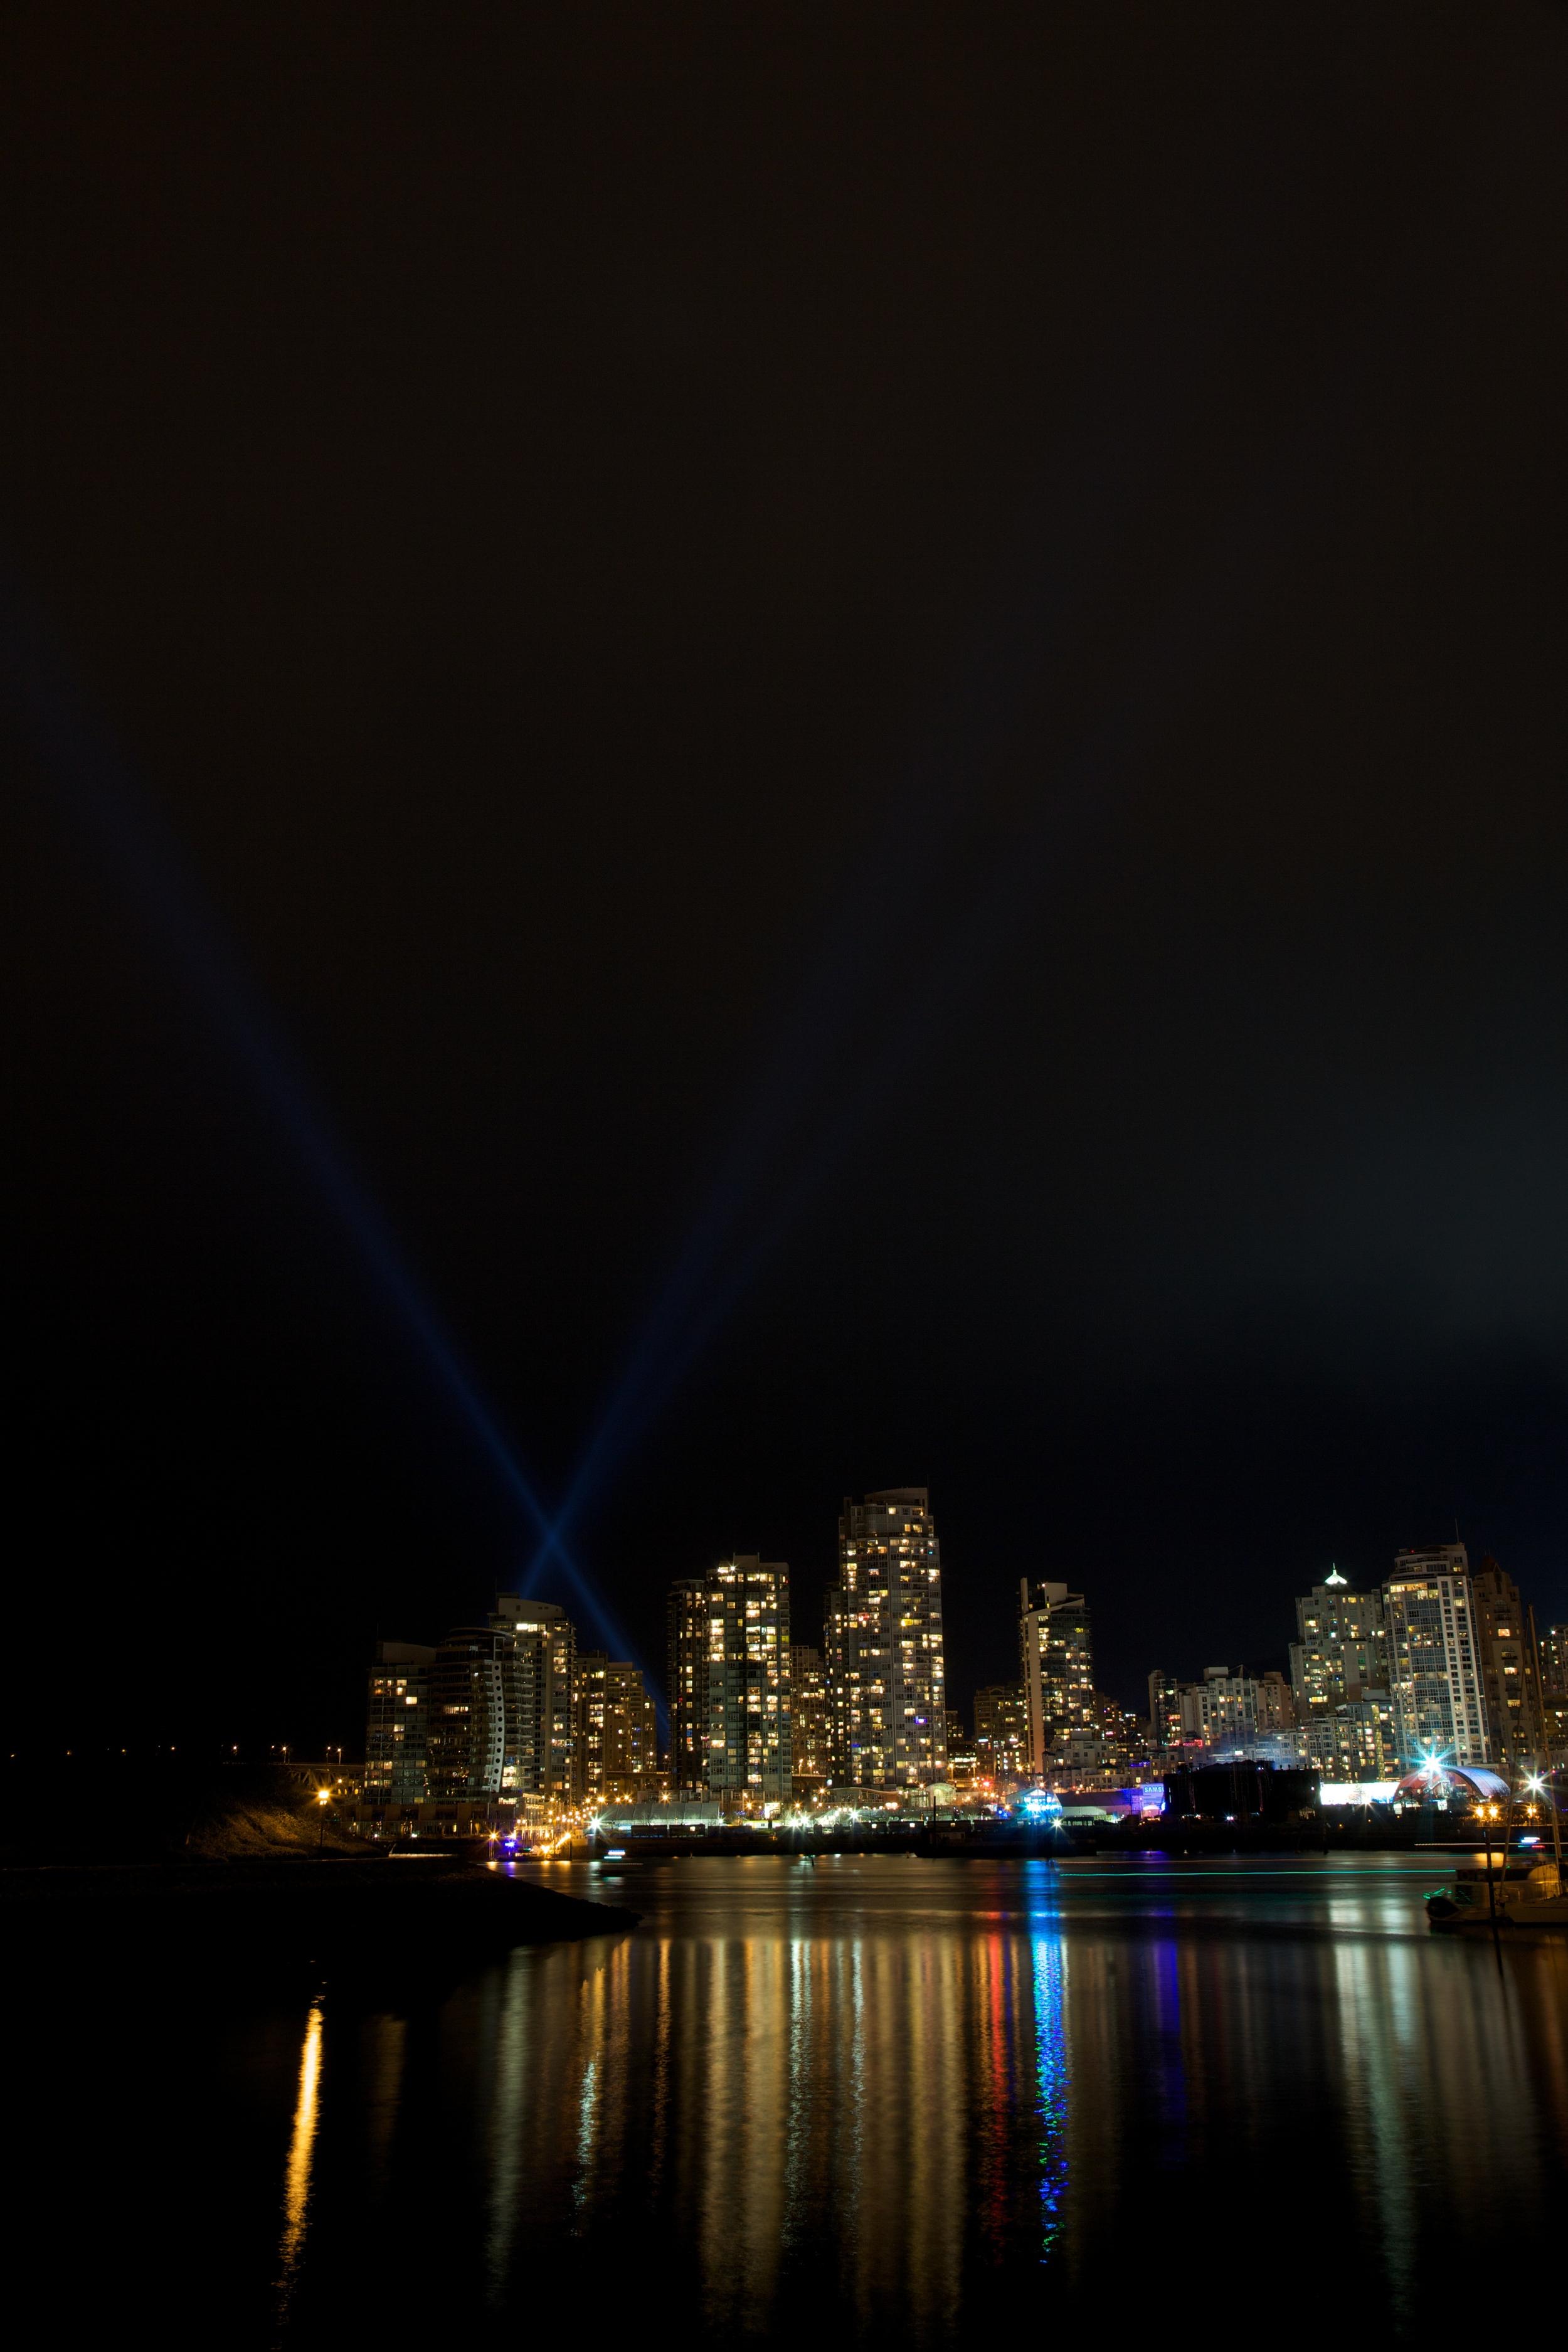 Vancouver2010++10408-797944207-O.jpg